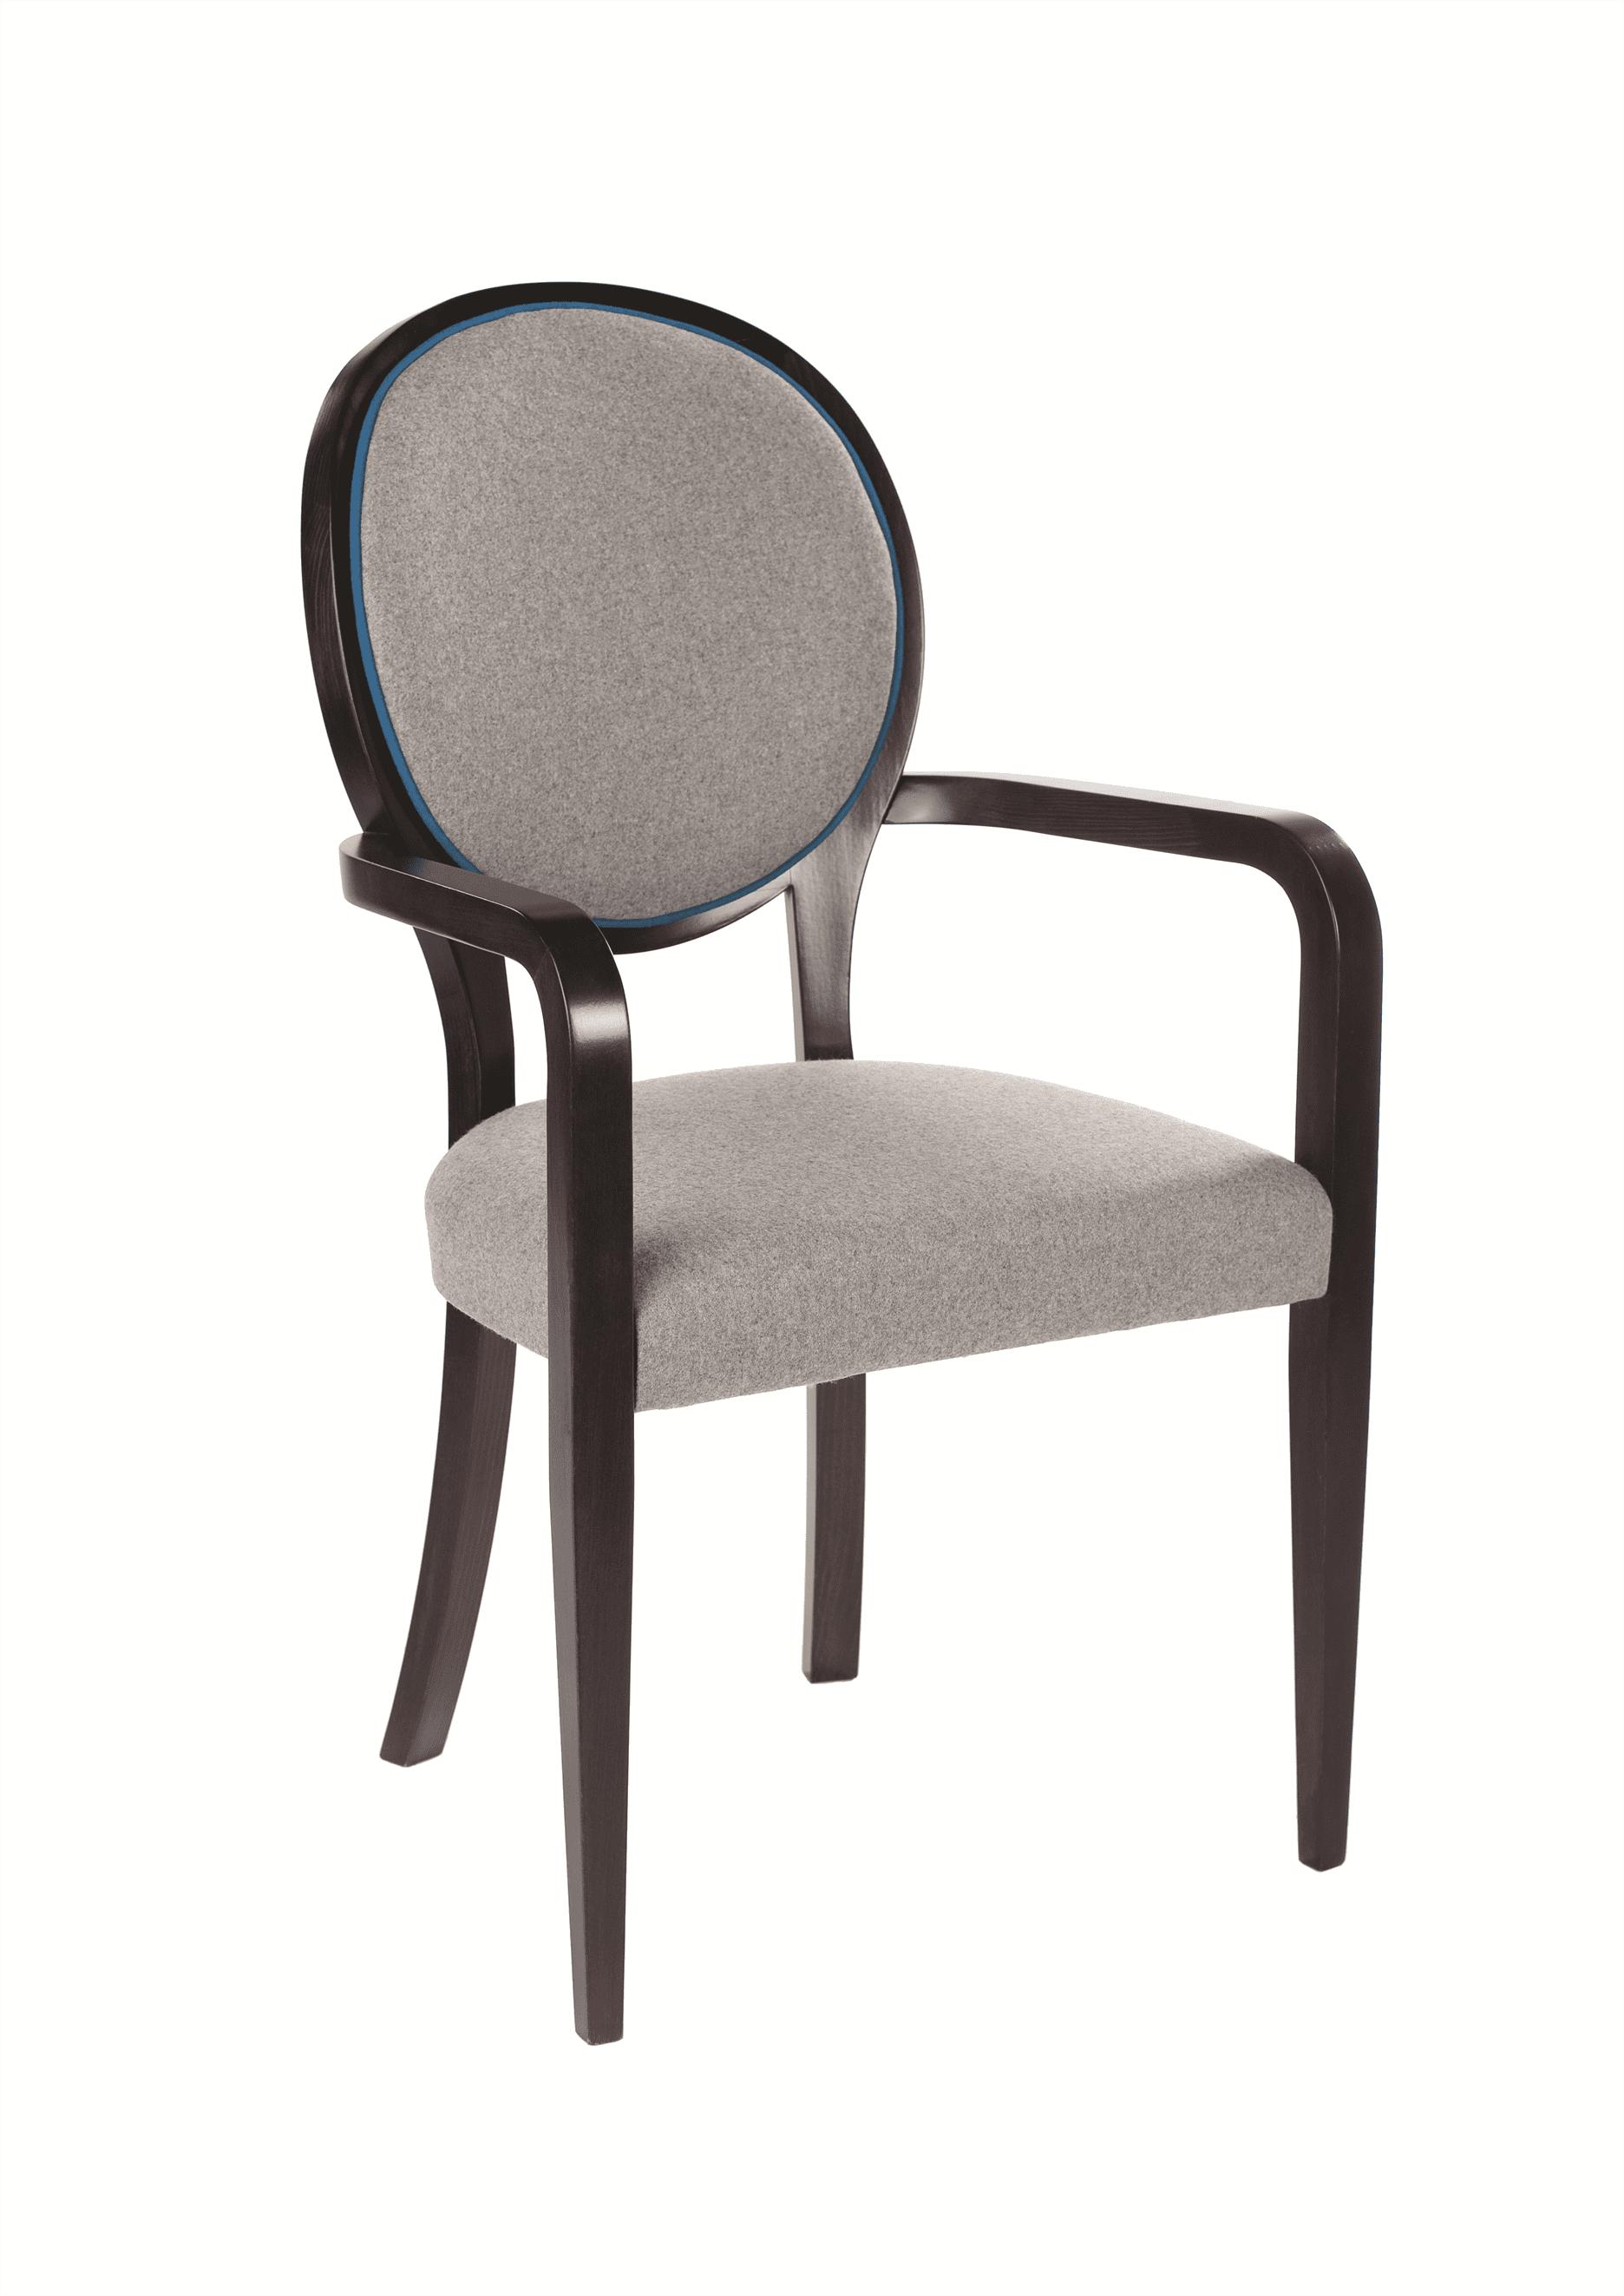 Elizabeth armchair RFU seat and back raw